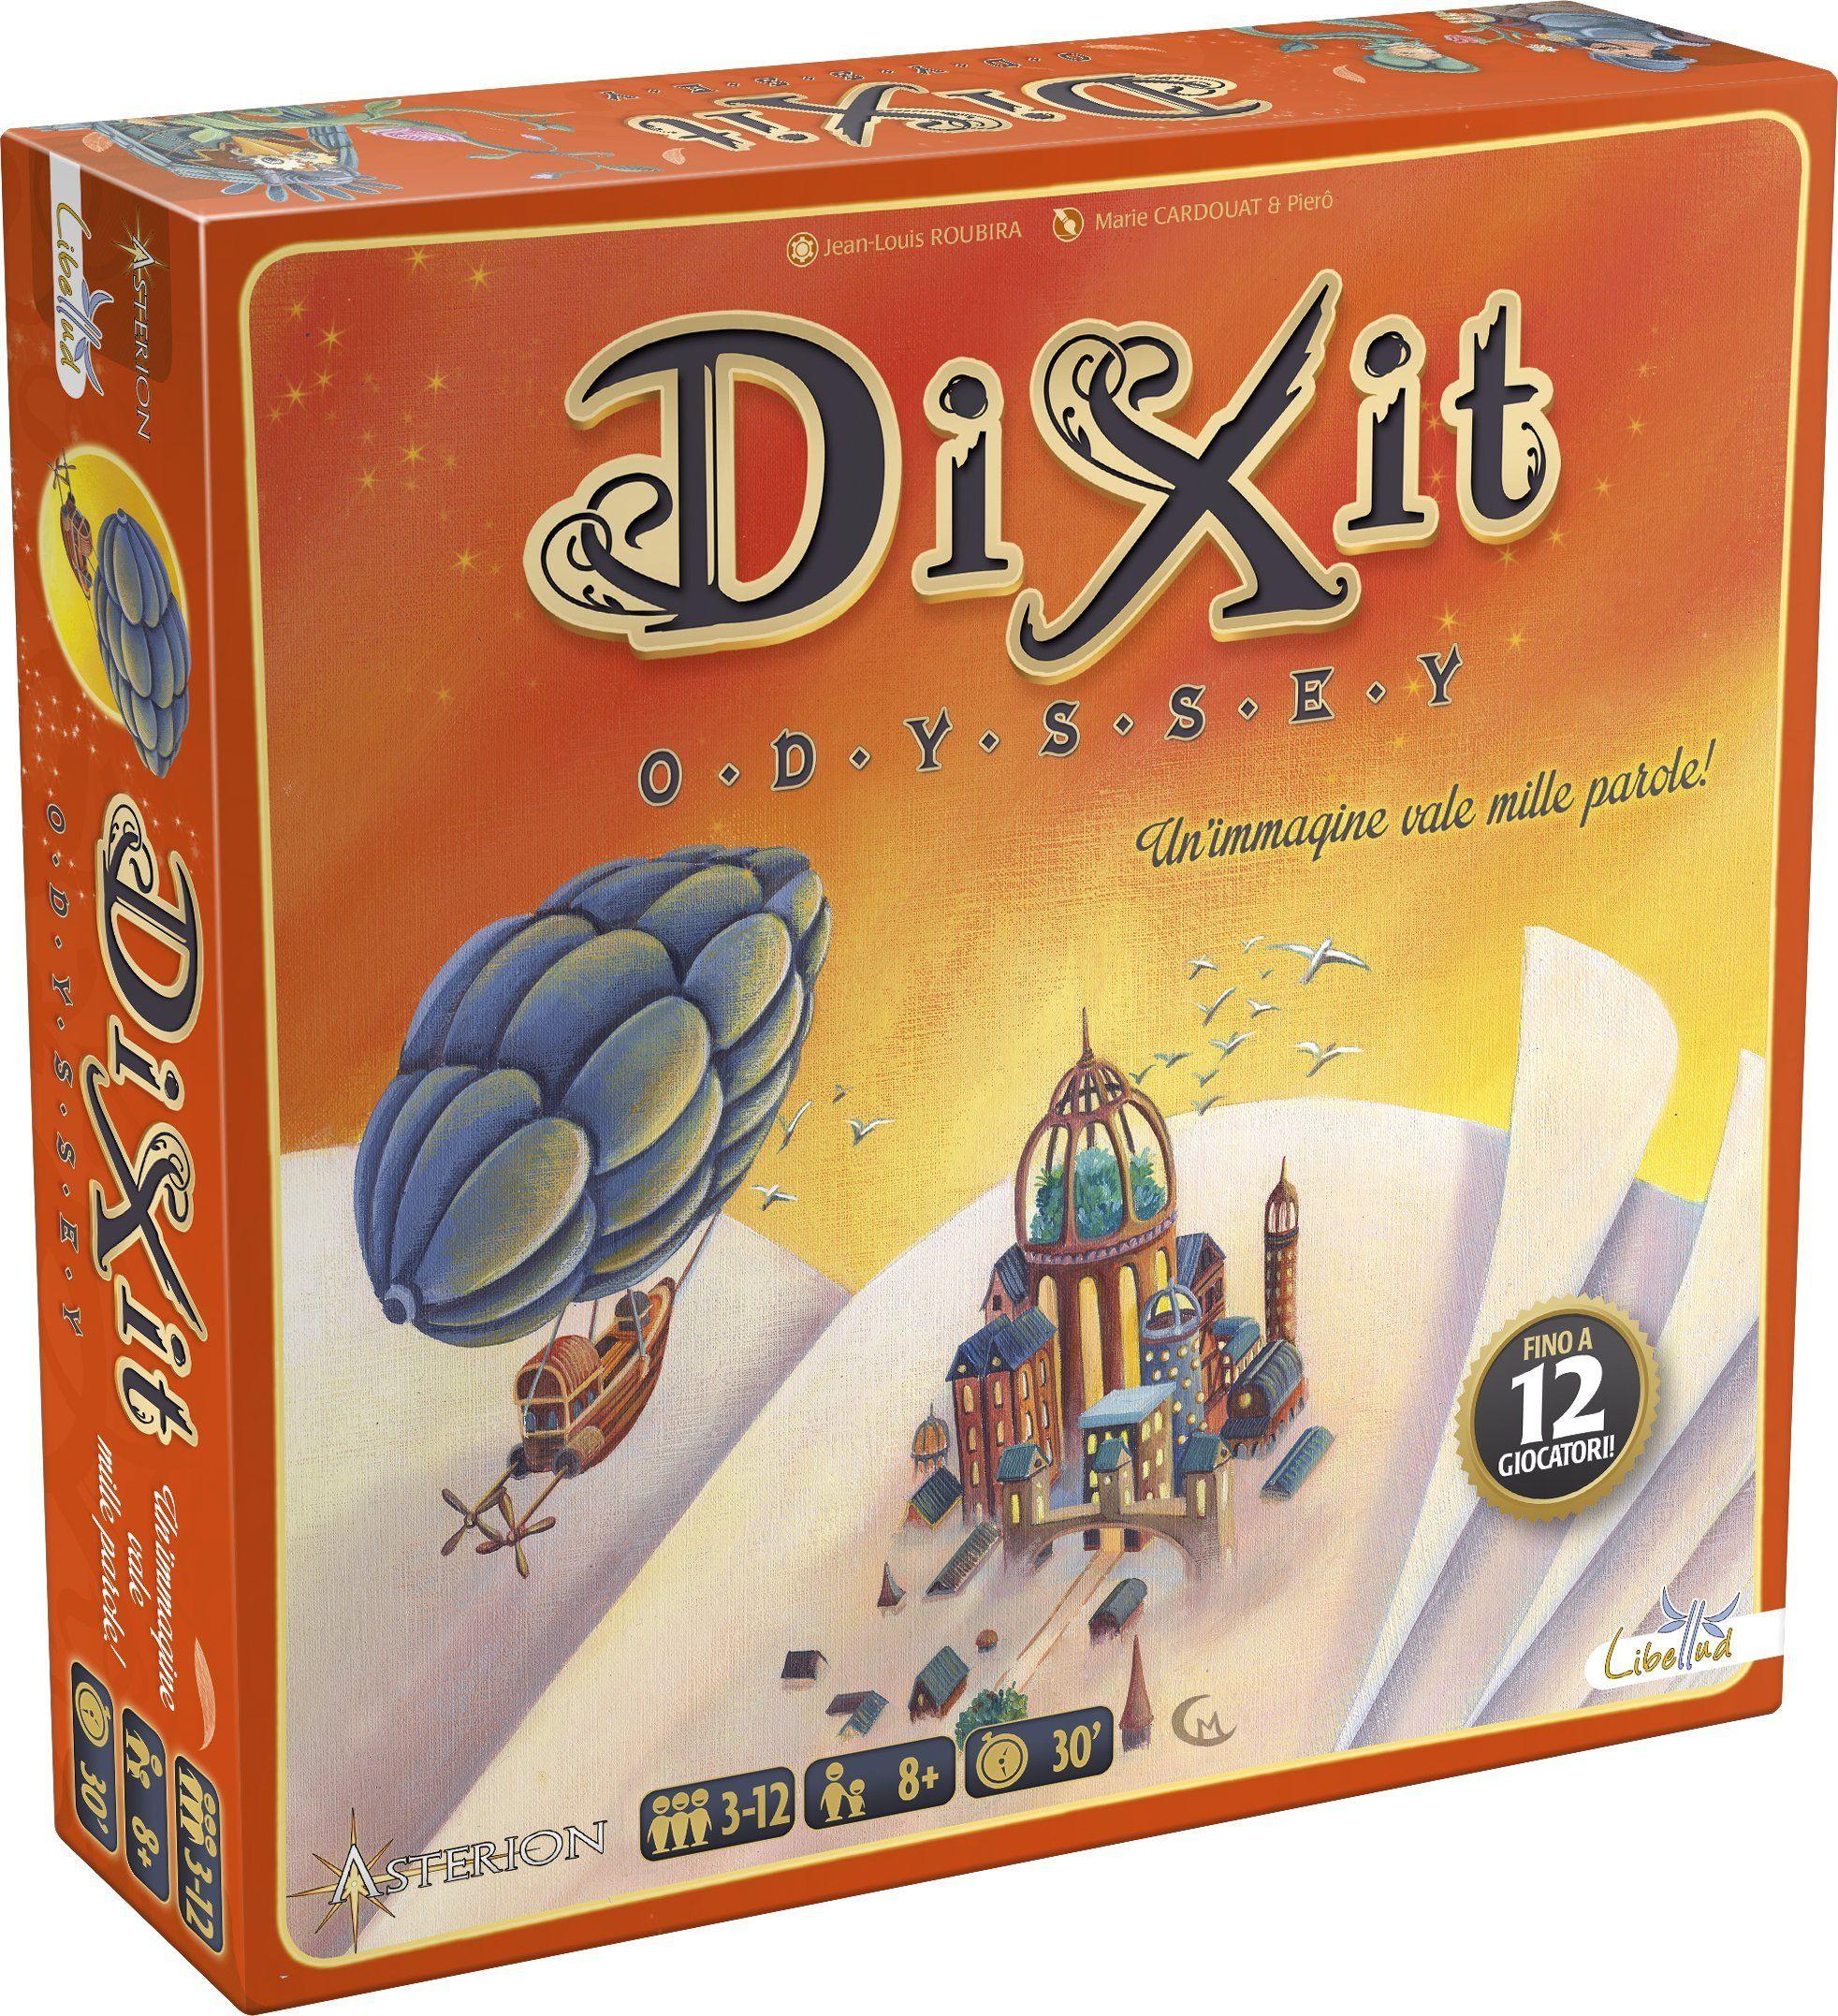 Asterion 8005  Dixit Odyssey, włoskie wydanie gra towarzyska [nowa wersja] Single wielokolorowy